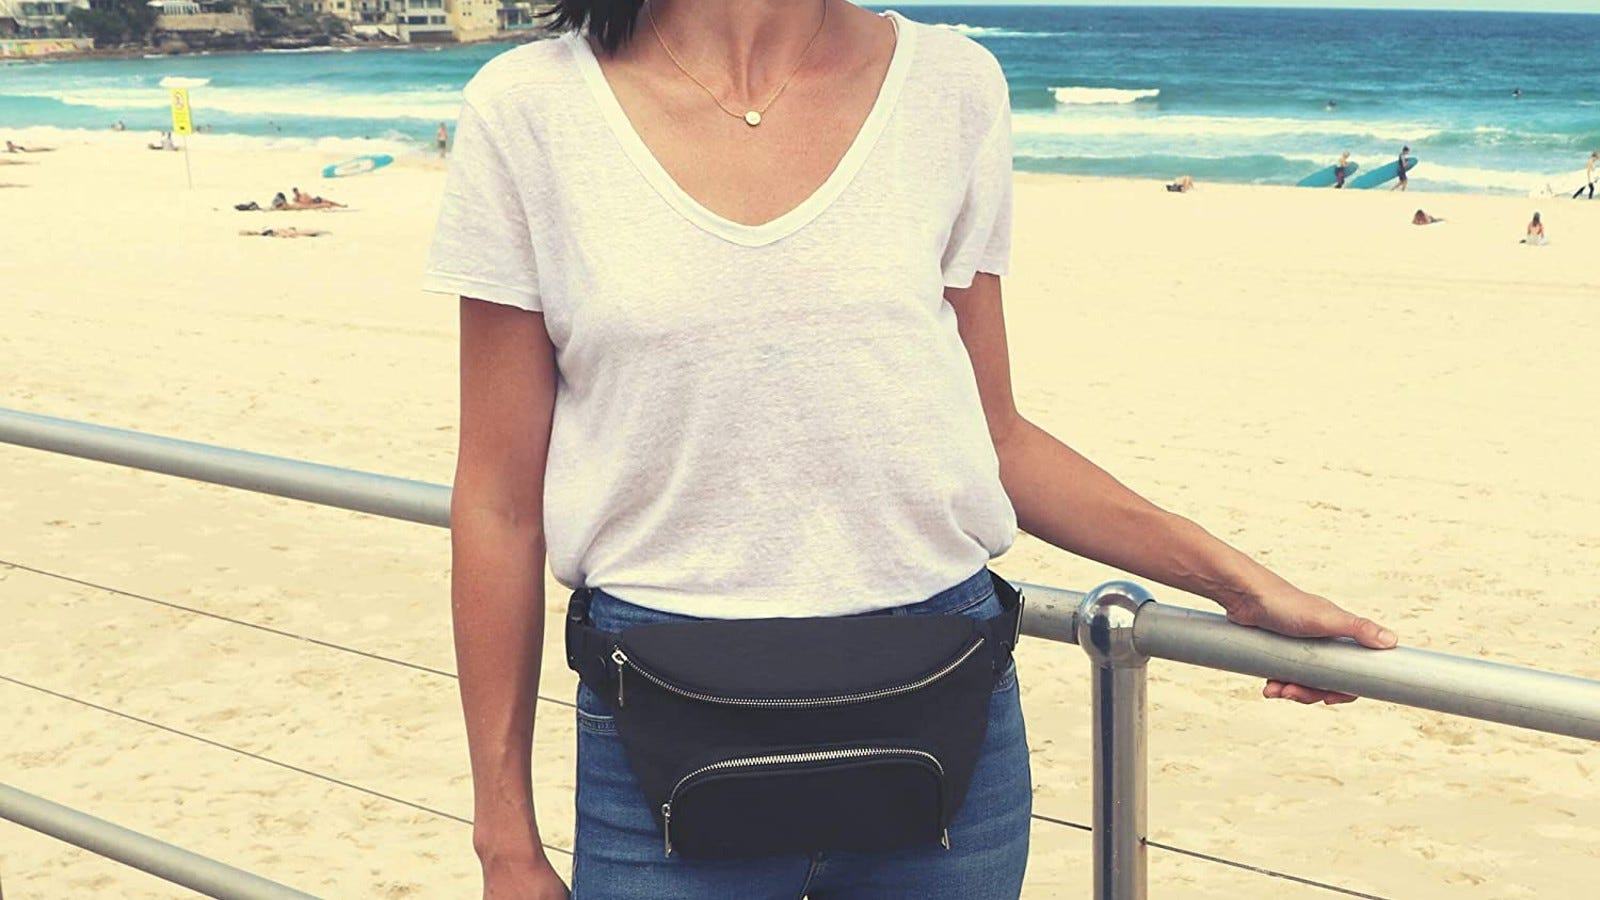 woman in white t-shirt wearing black belt bag